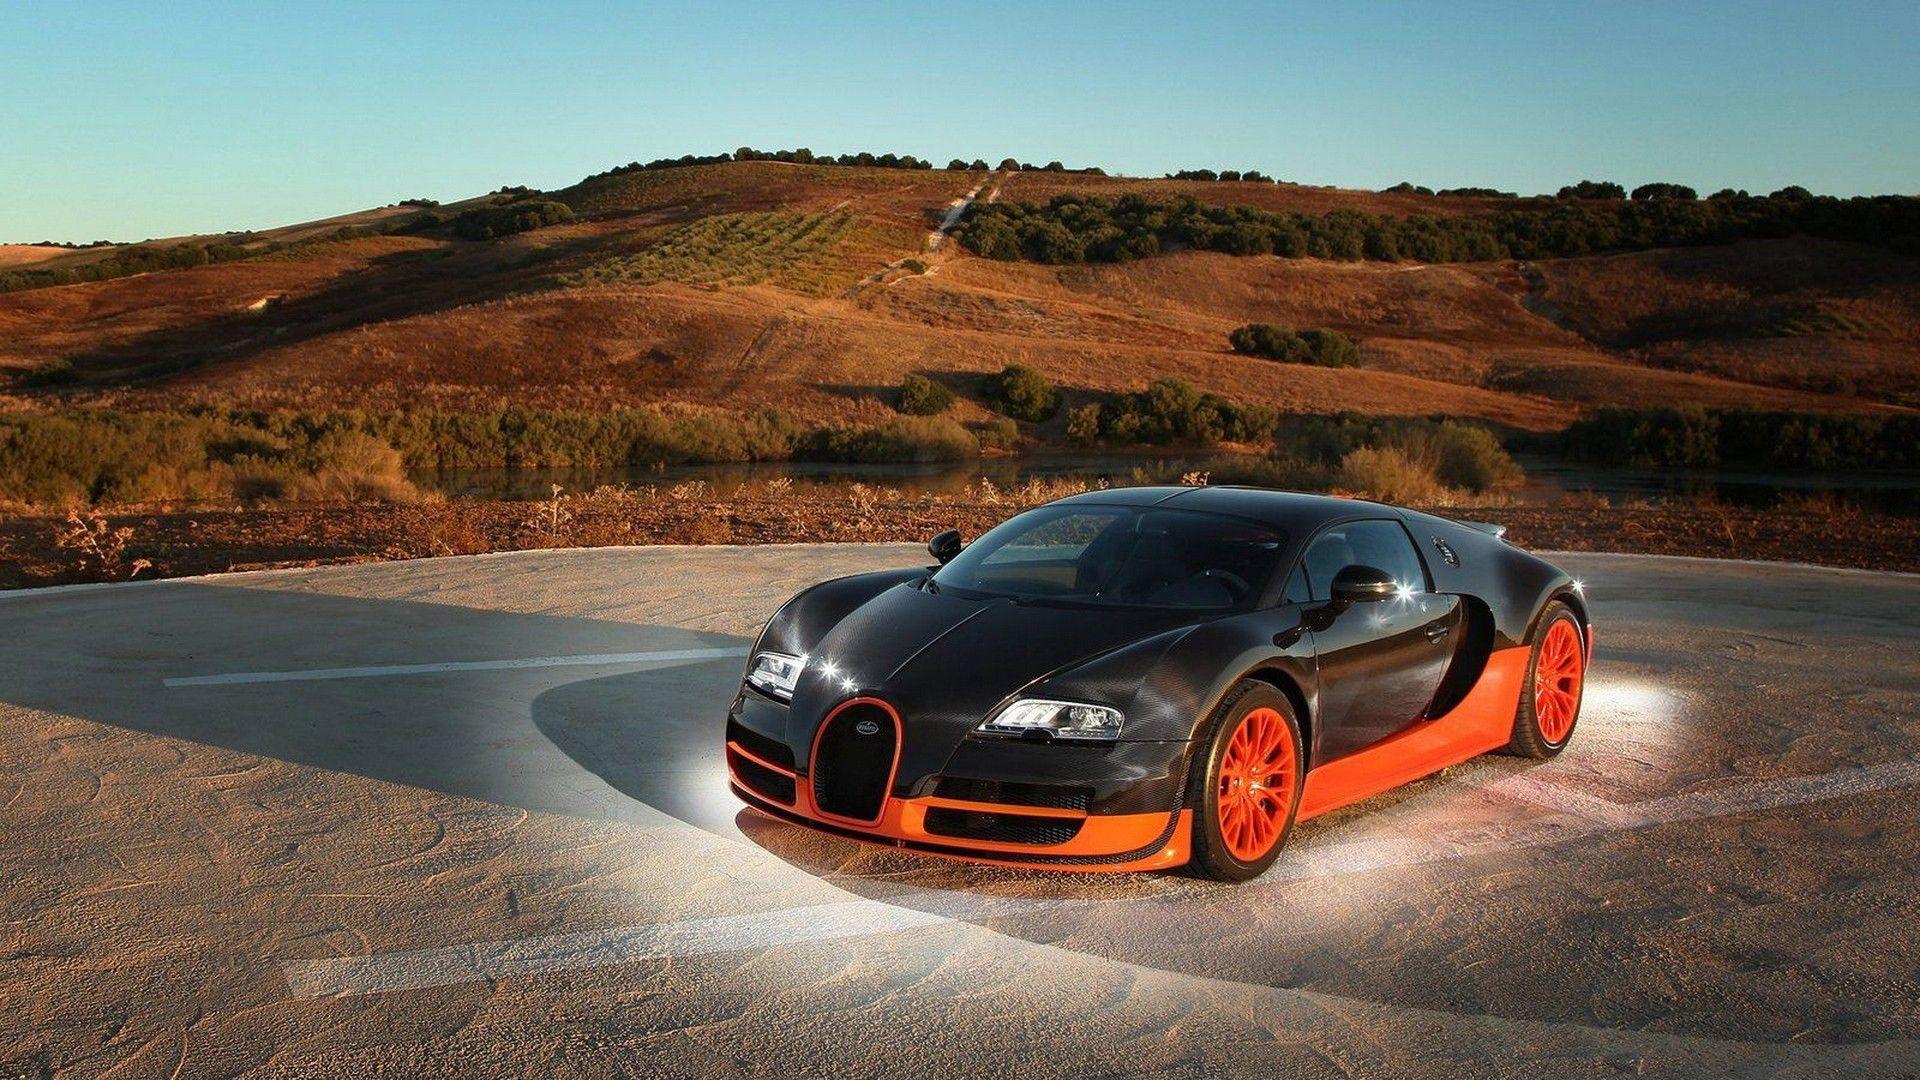 Wallpapers For Fantastic Bugatti Resolution 1920x1080 Bugatti Veyron Super Sport Sports Car Bugatti Cars